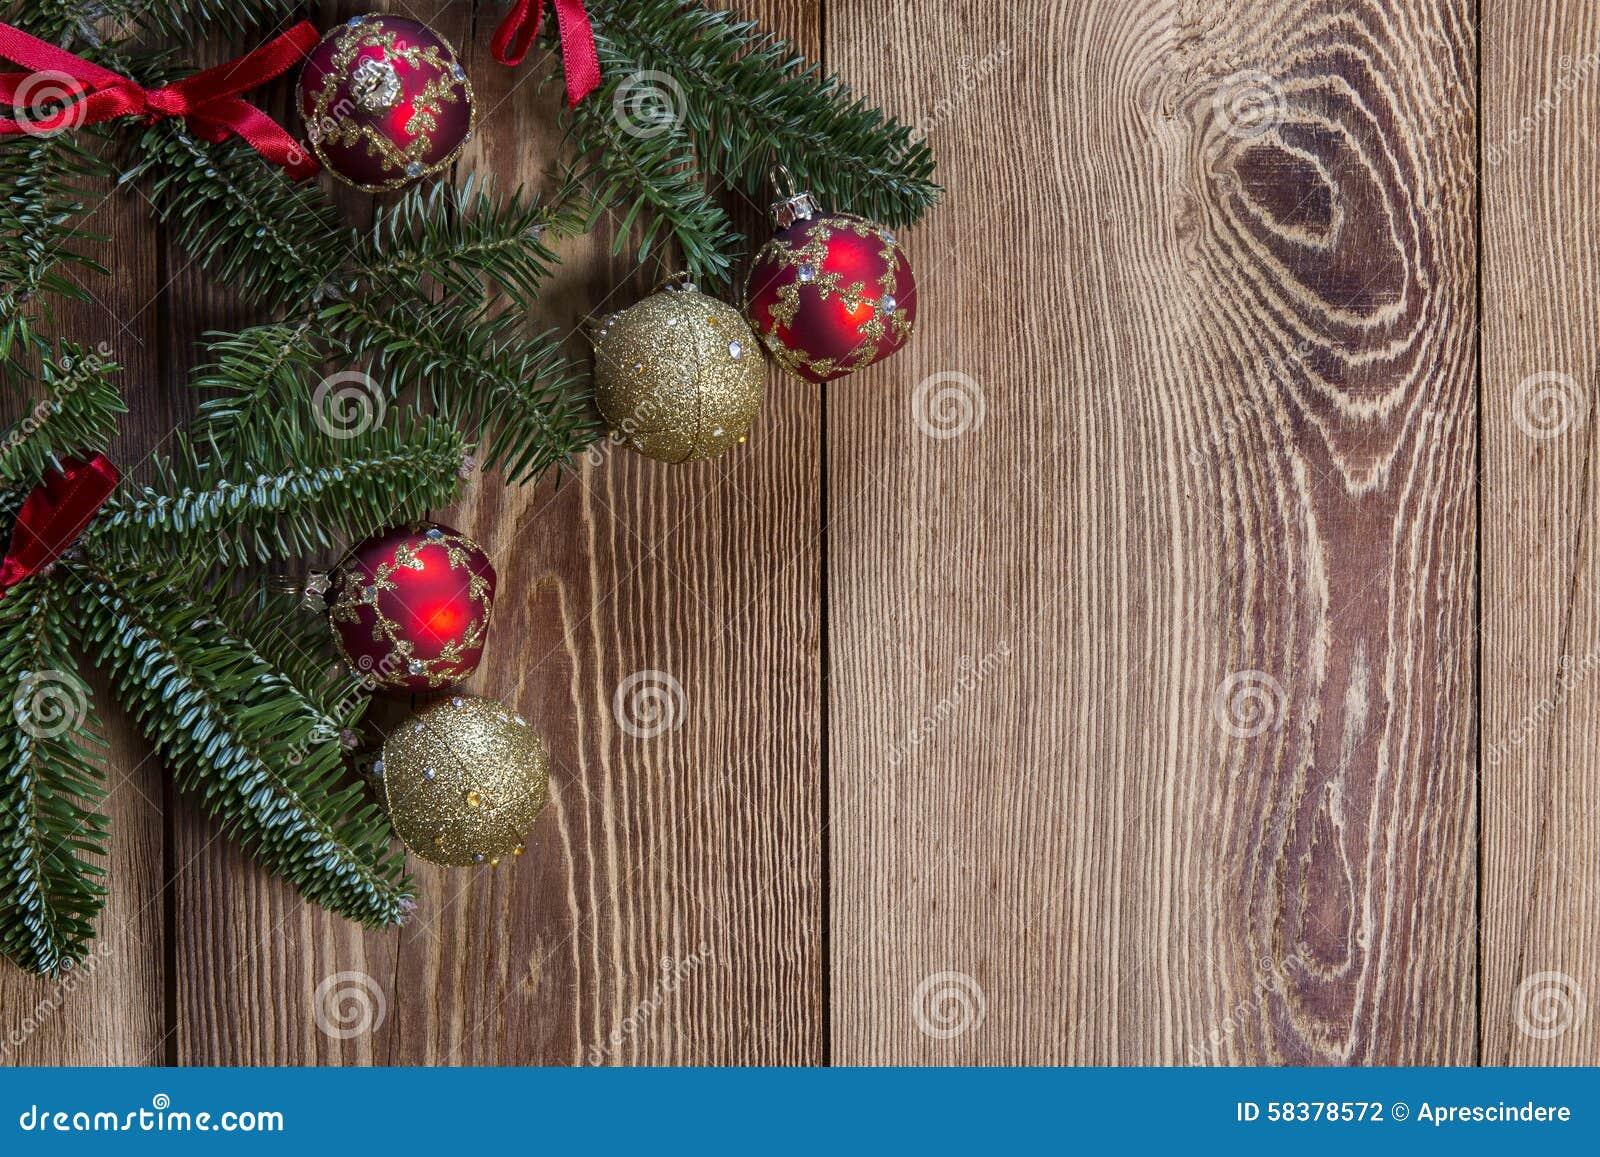 Neue Ideen, das Haus zu verzieren dieses Weihnachten